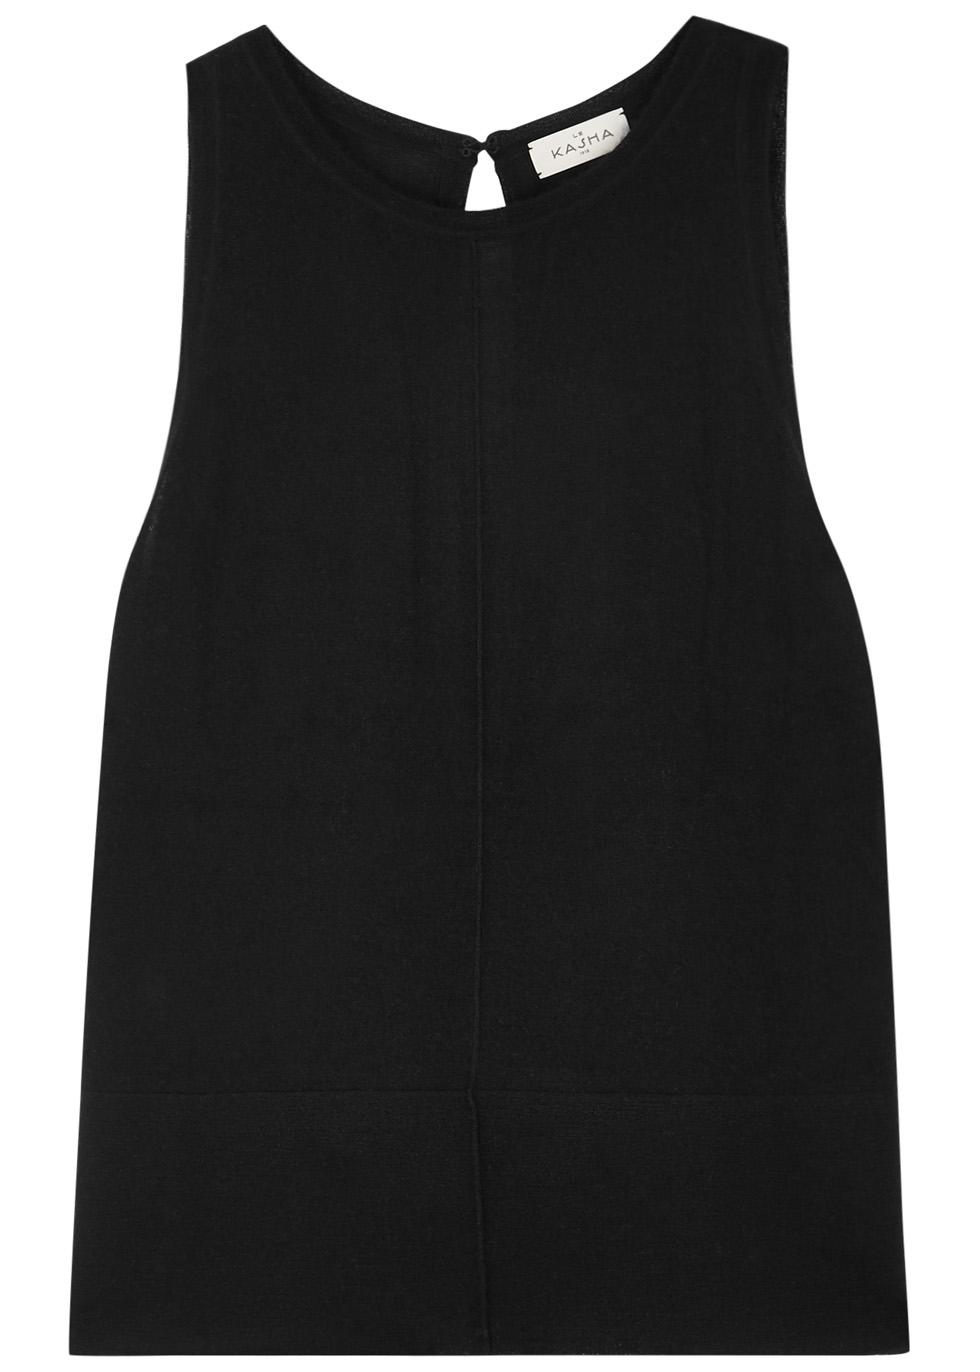 Bombay black cashmere tank - Le Kasha